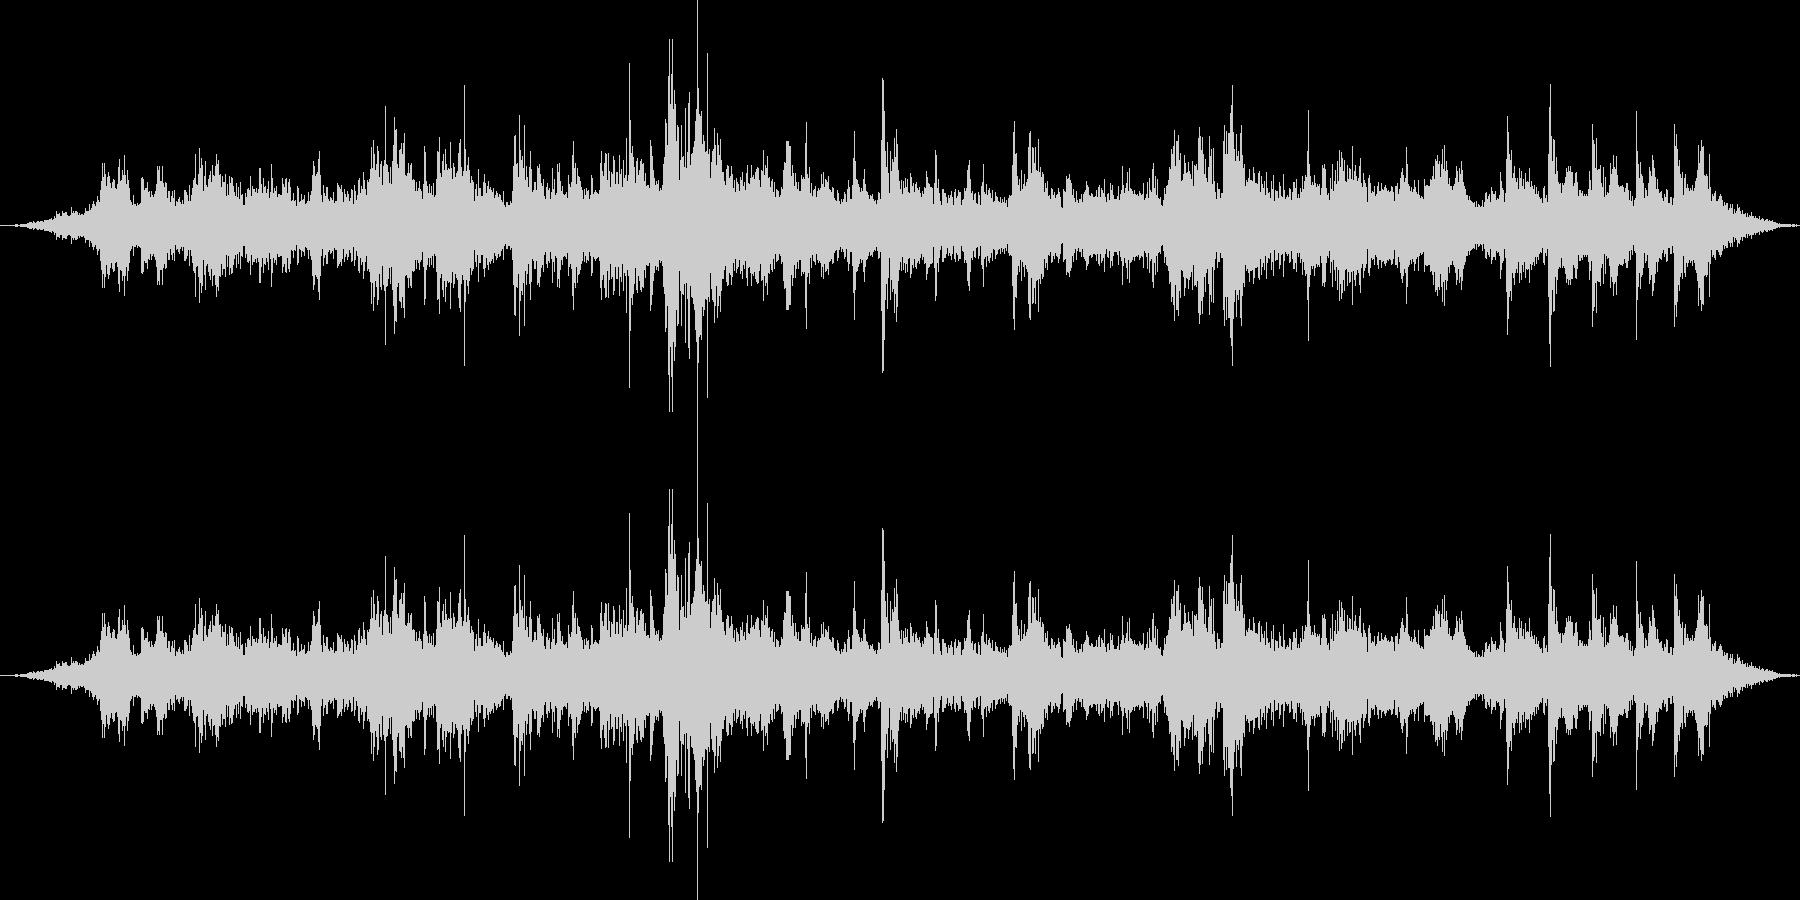 里山の鳥の声(環境音)の未再生の波形